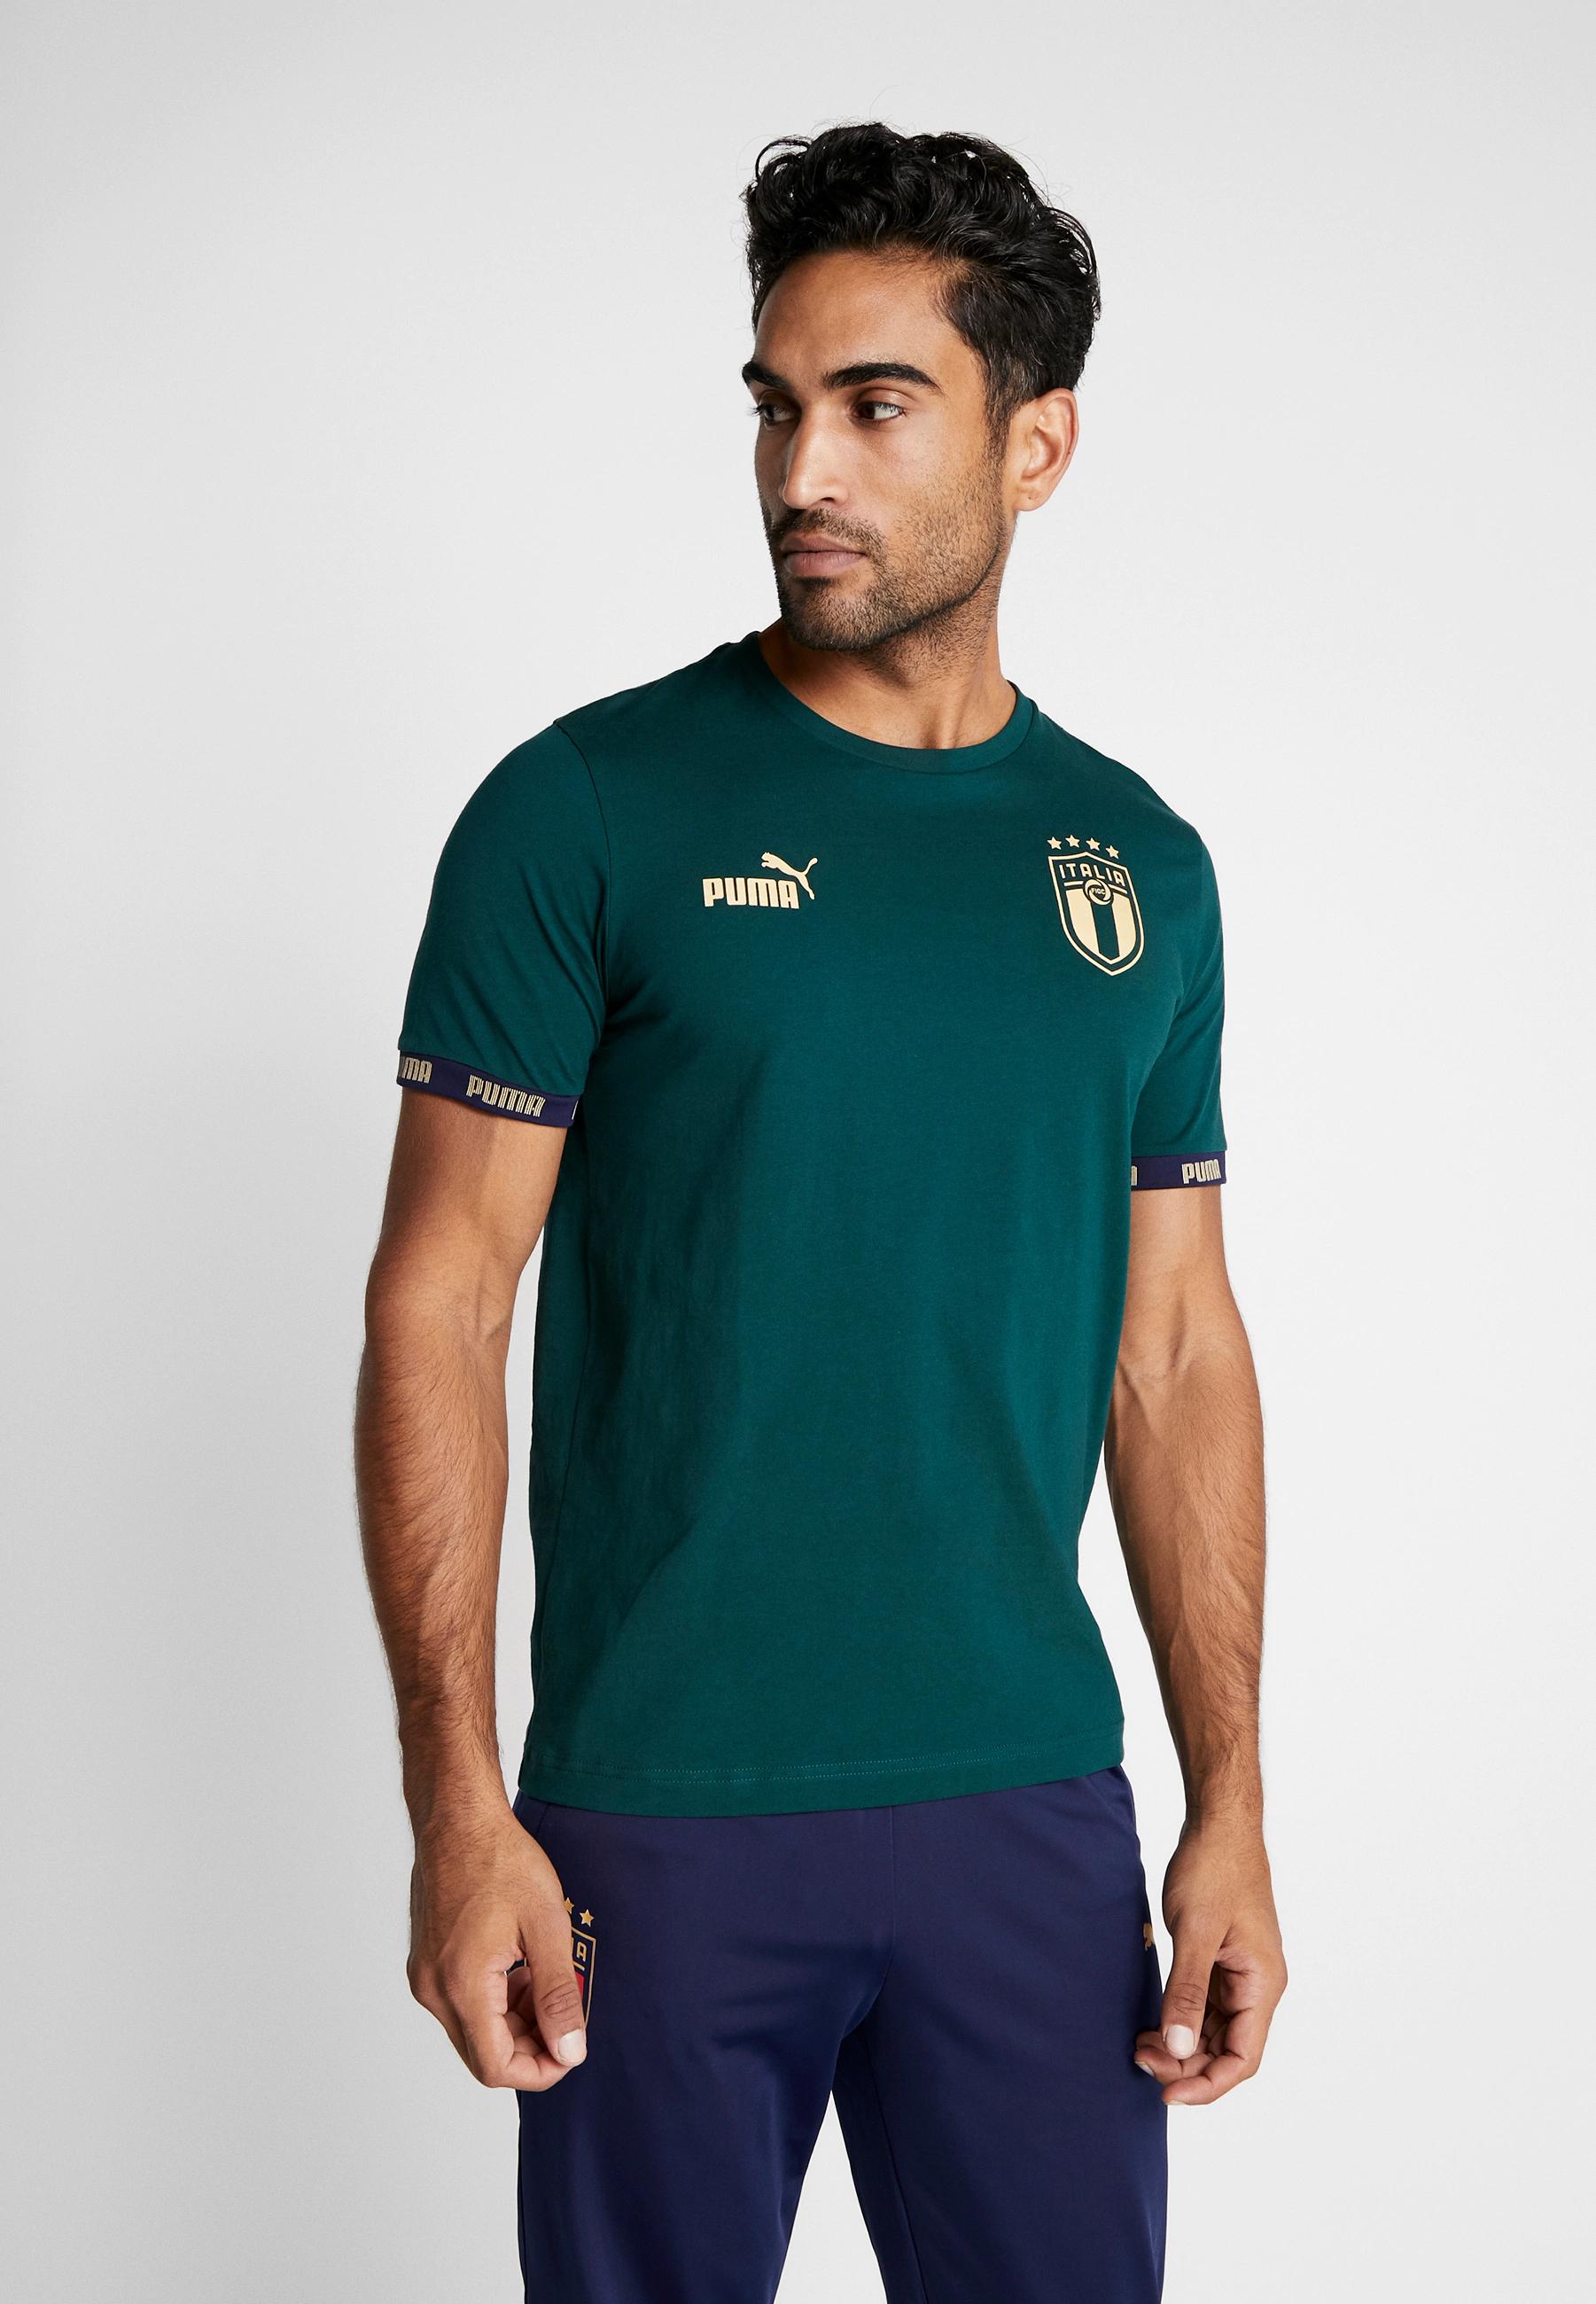 Camiseta puma de la selección italiana (XXL)